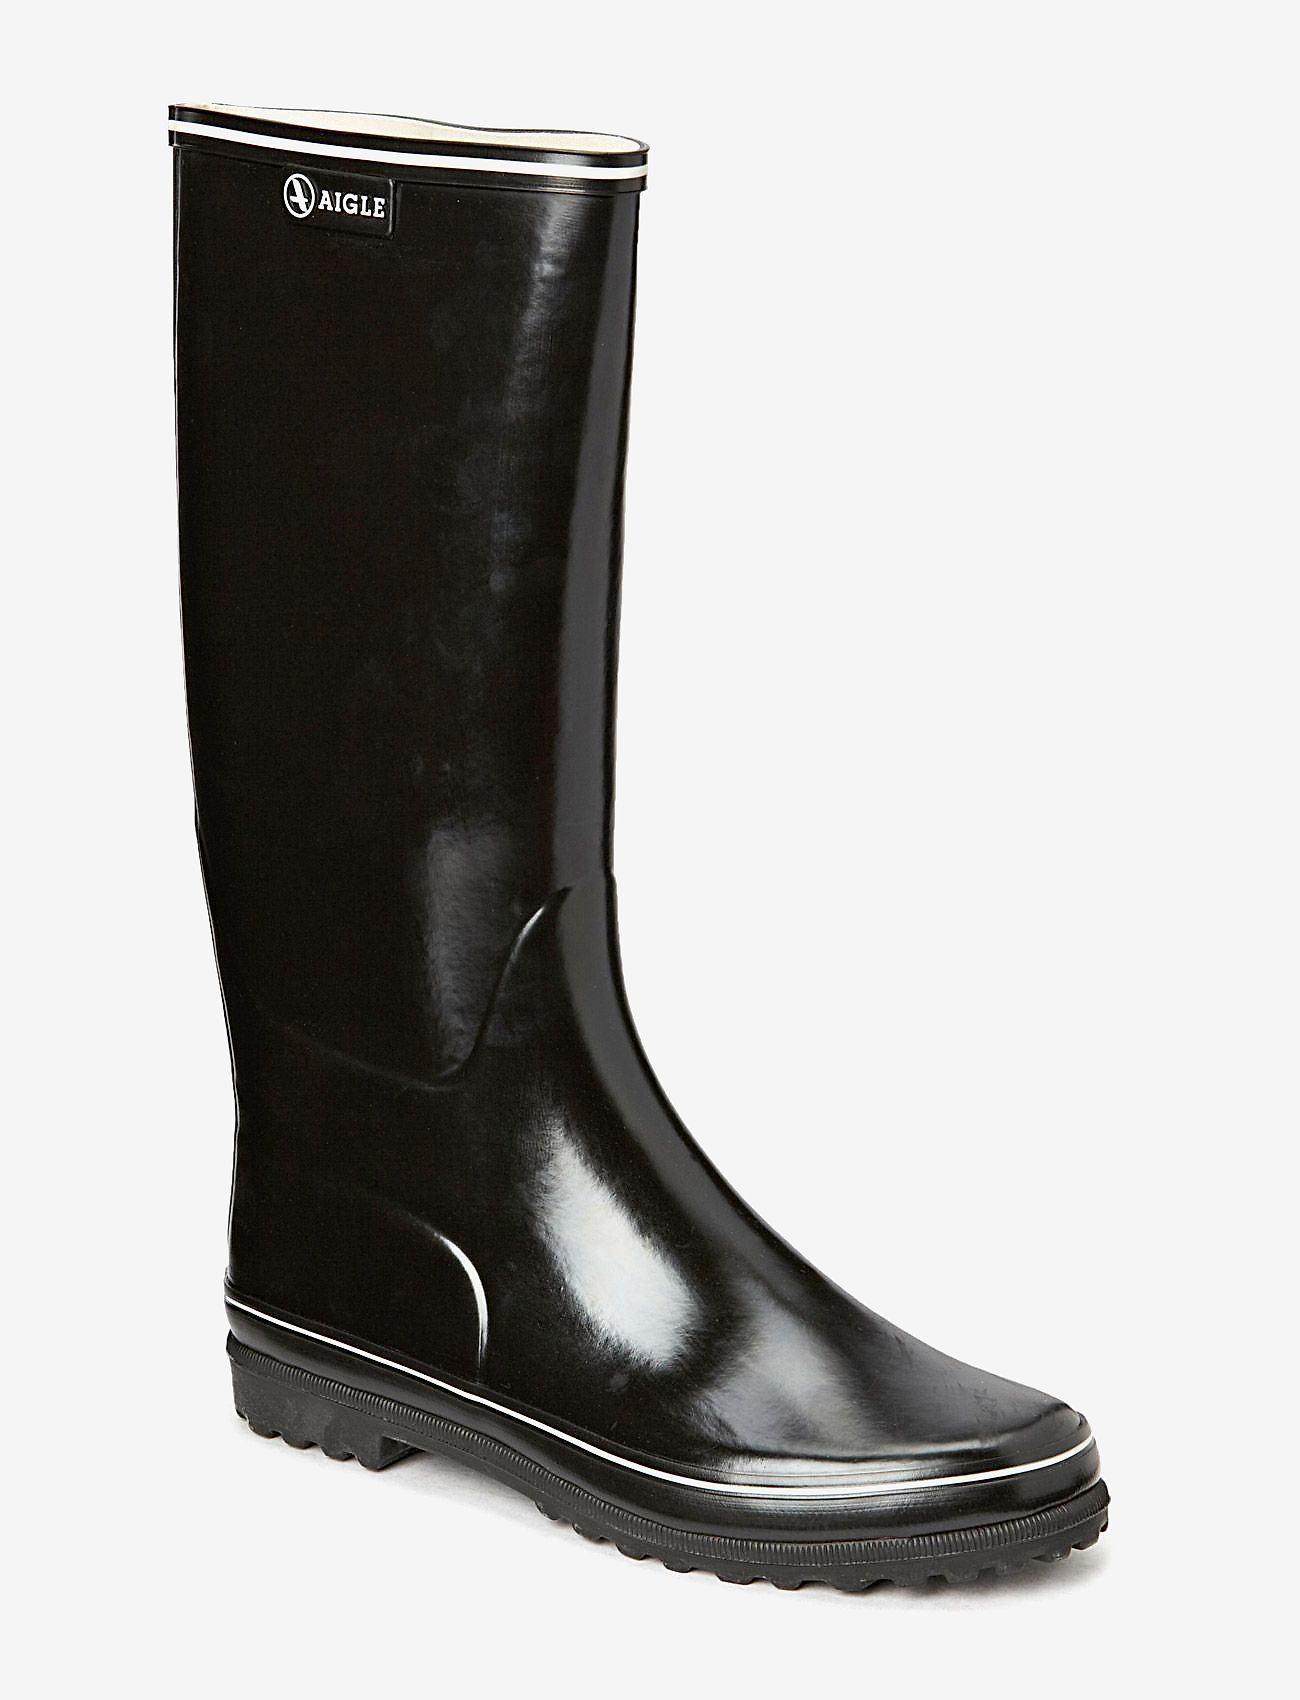 Aigle - VENISE - schoenen - noir - 0